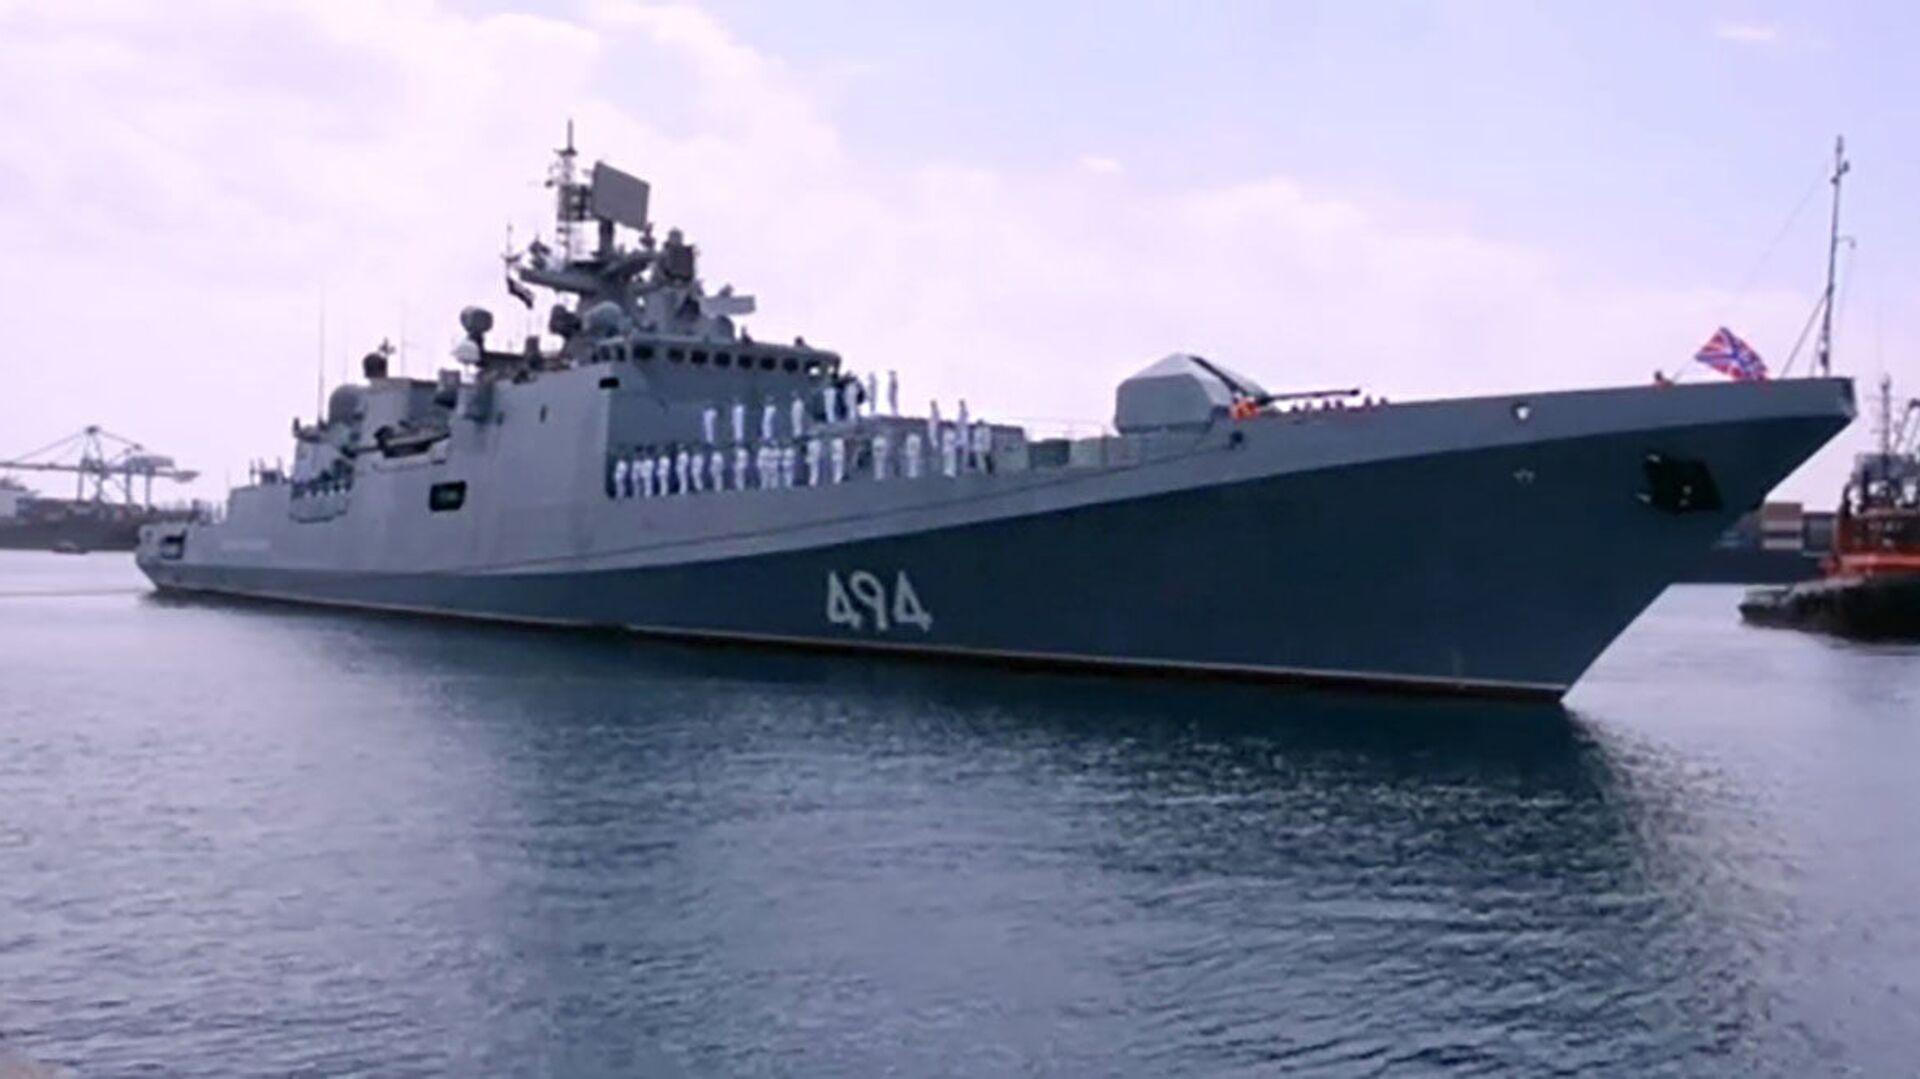 """Fregata """"Admirał Grigorowicz"""" Floty Czarnomorskiej Rosji - Sputnik Polska, 1920, 12.09.2021"""